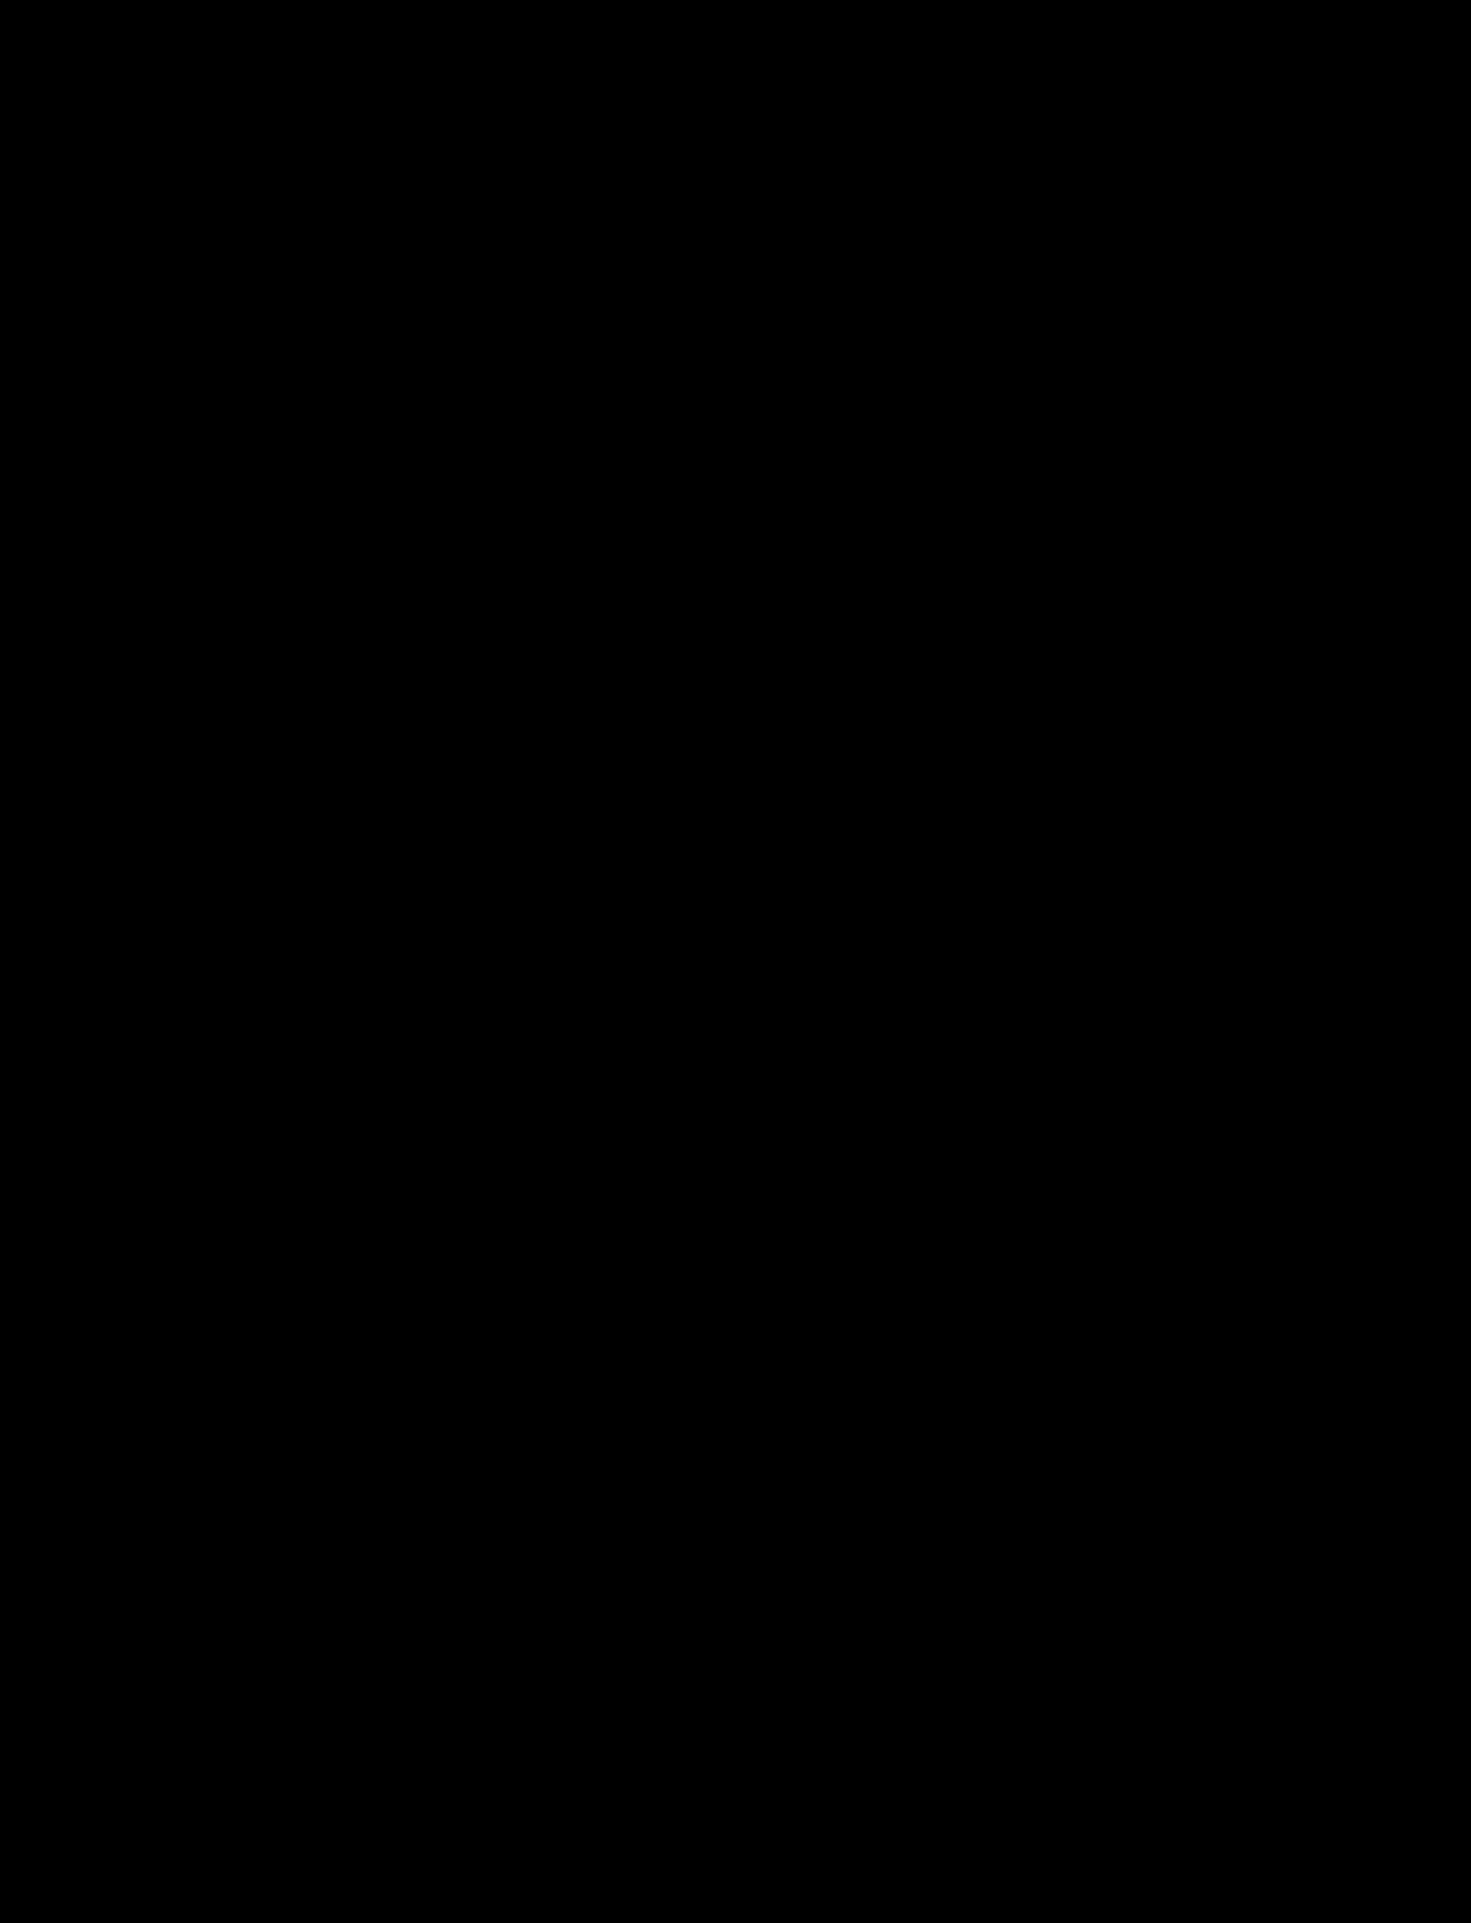 Kronleuchter mit Prismen  von 1900